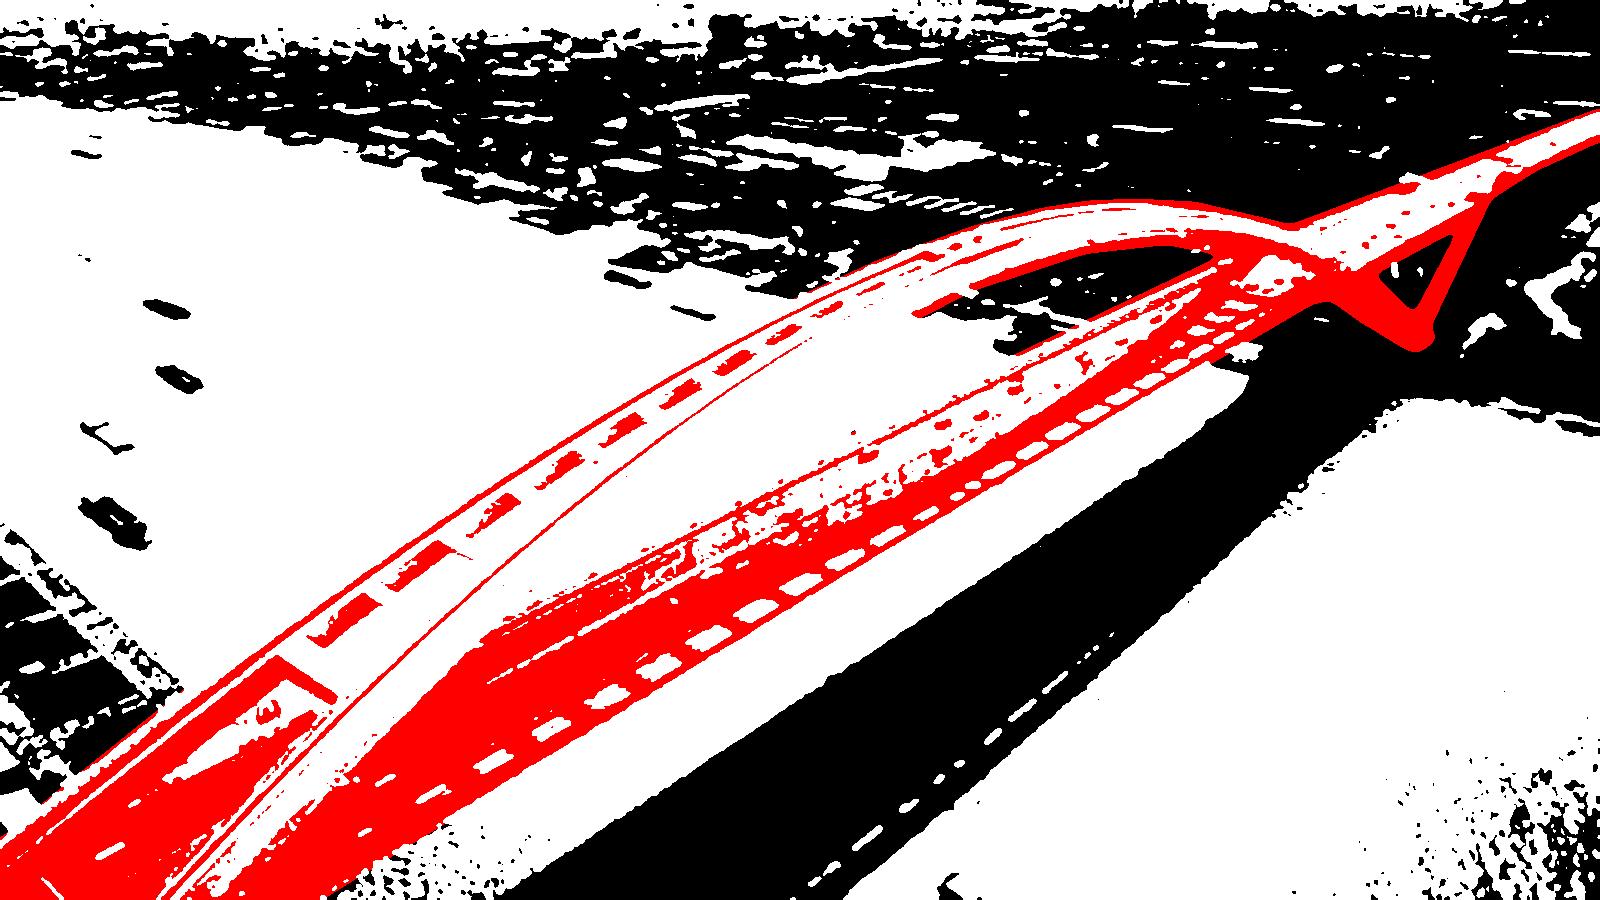 Bild: CHIARC BRIDGE